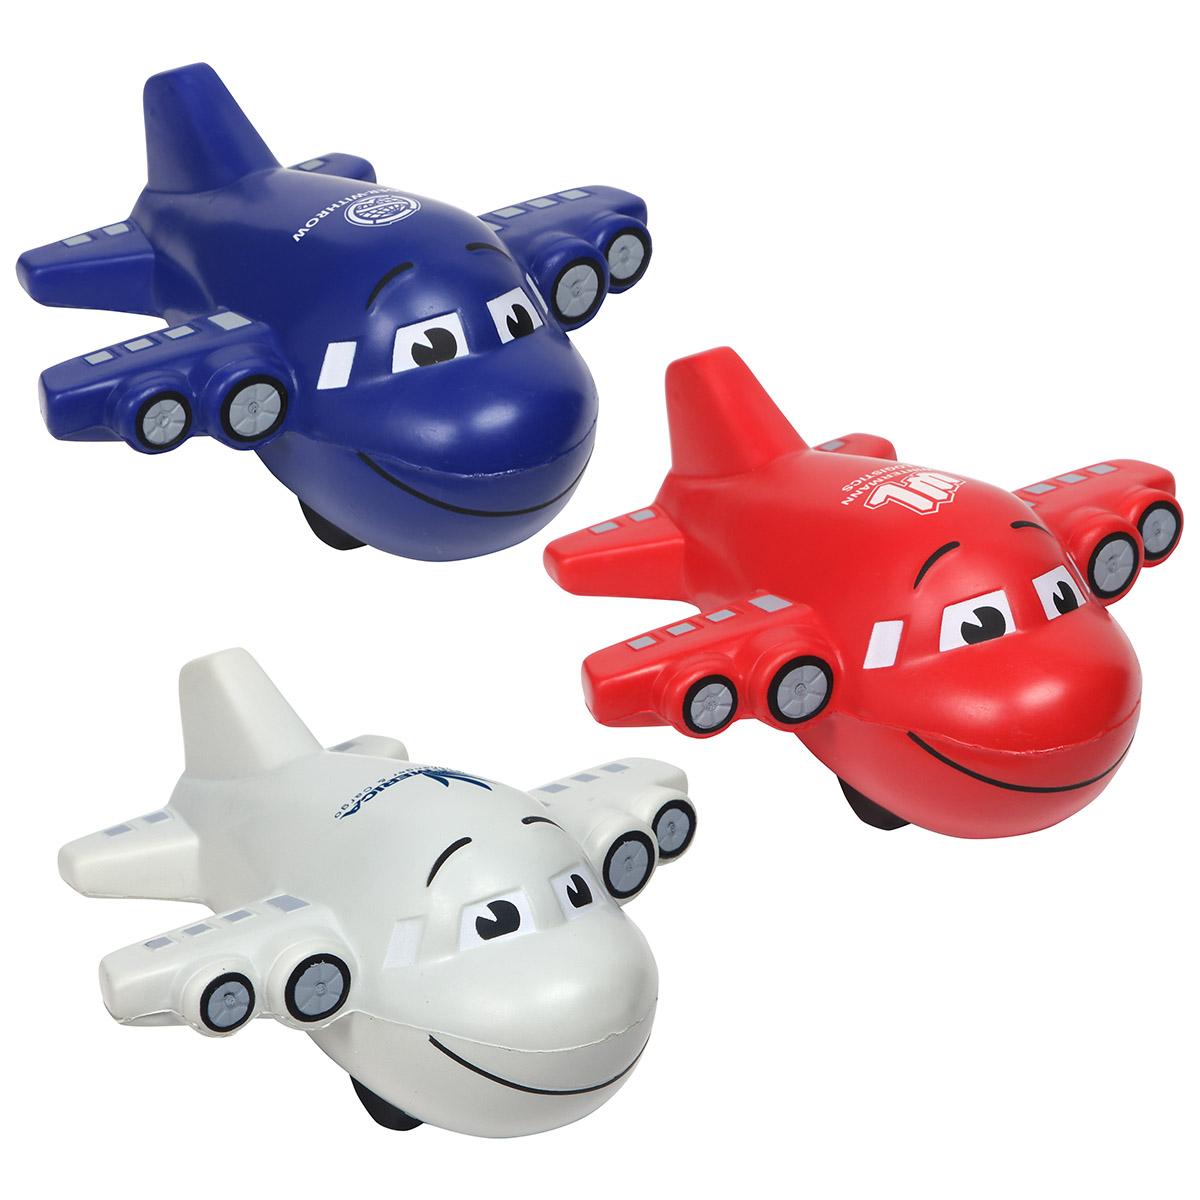 Large Airplane Stress Reliever, LAR-LA05, 1 Colour Imprint